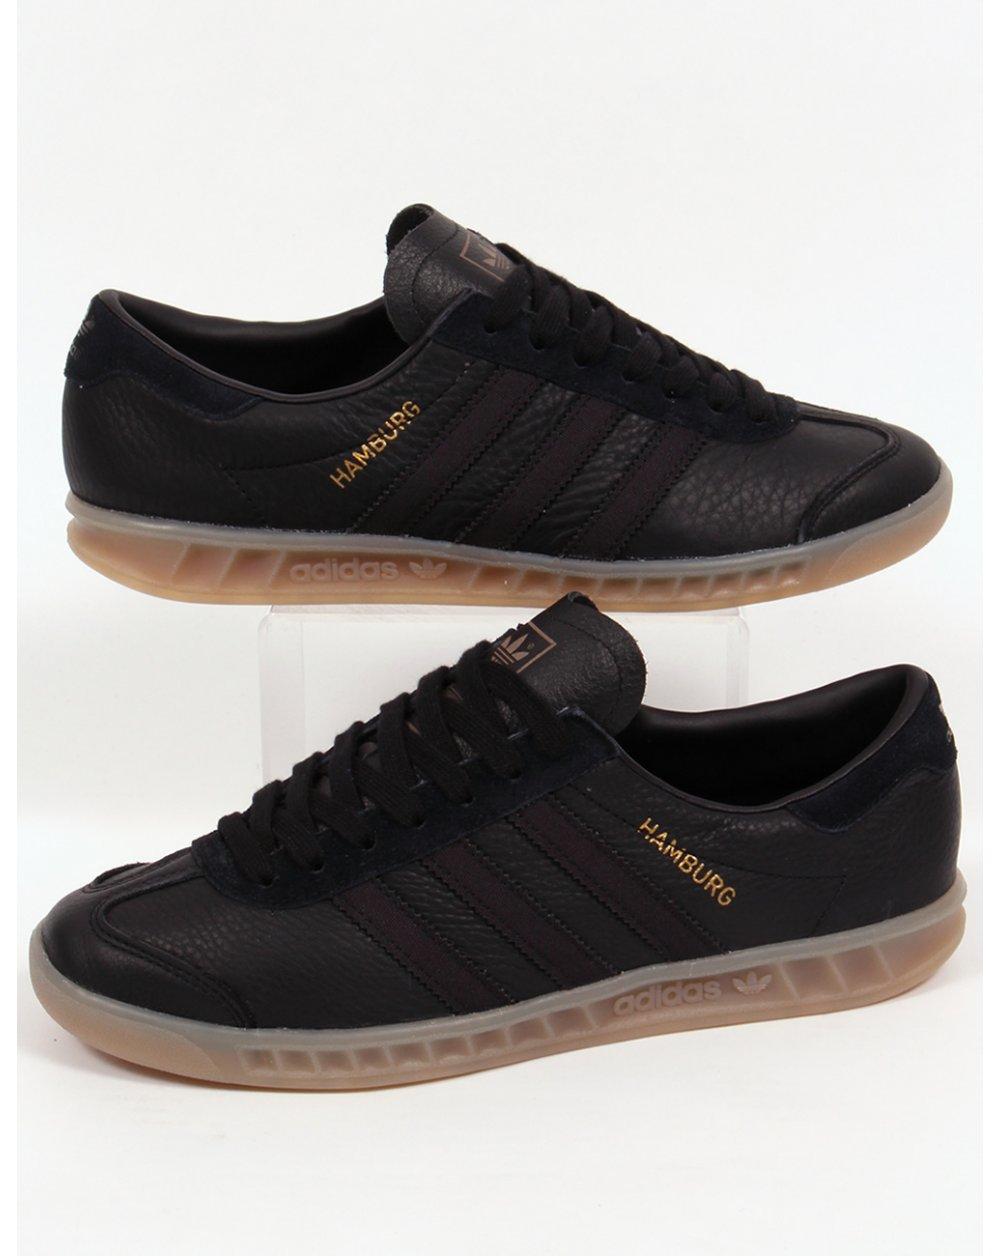 best website 60649 e8566 adidas Trainers Adidas Hamburg Leather Trainers Blackgum